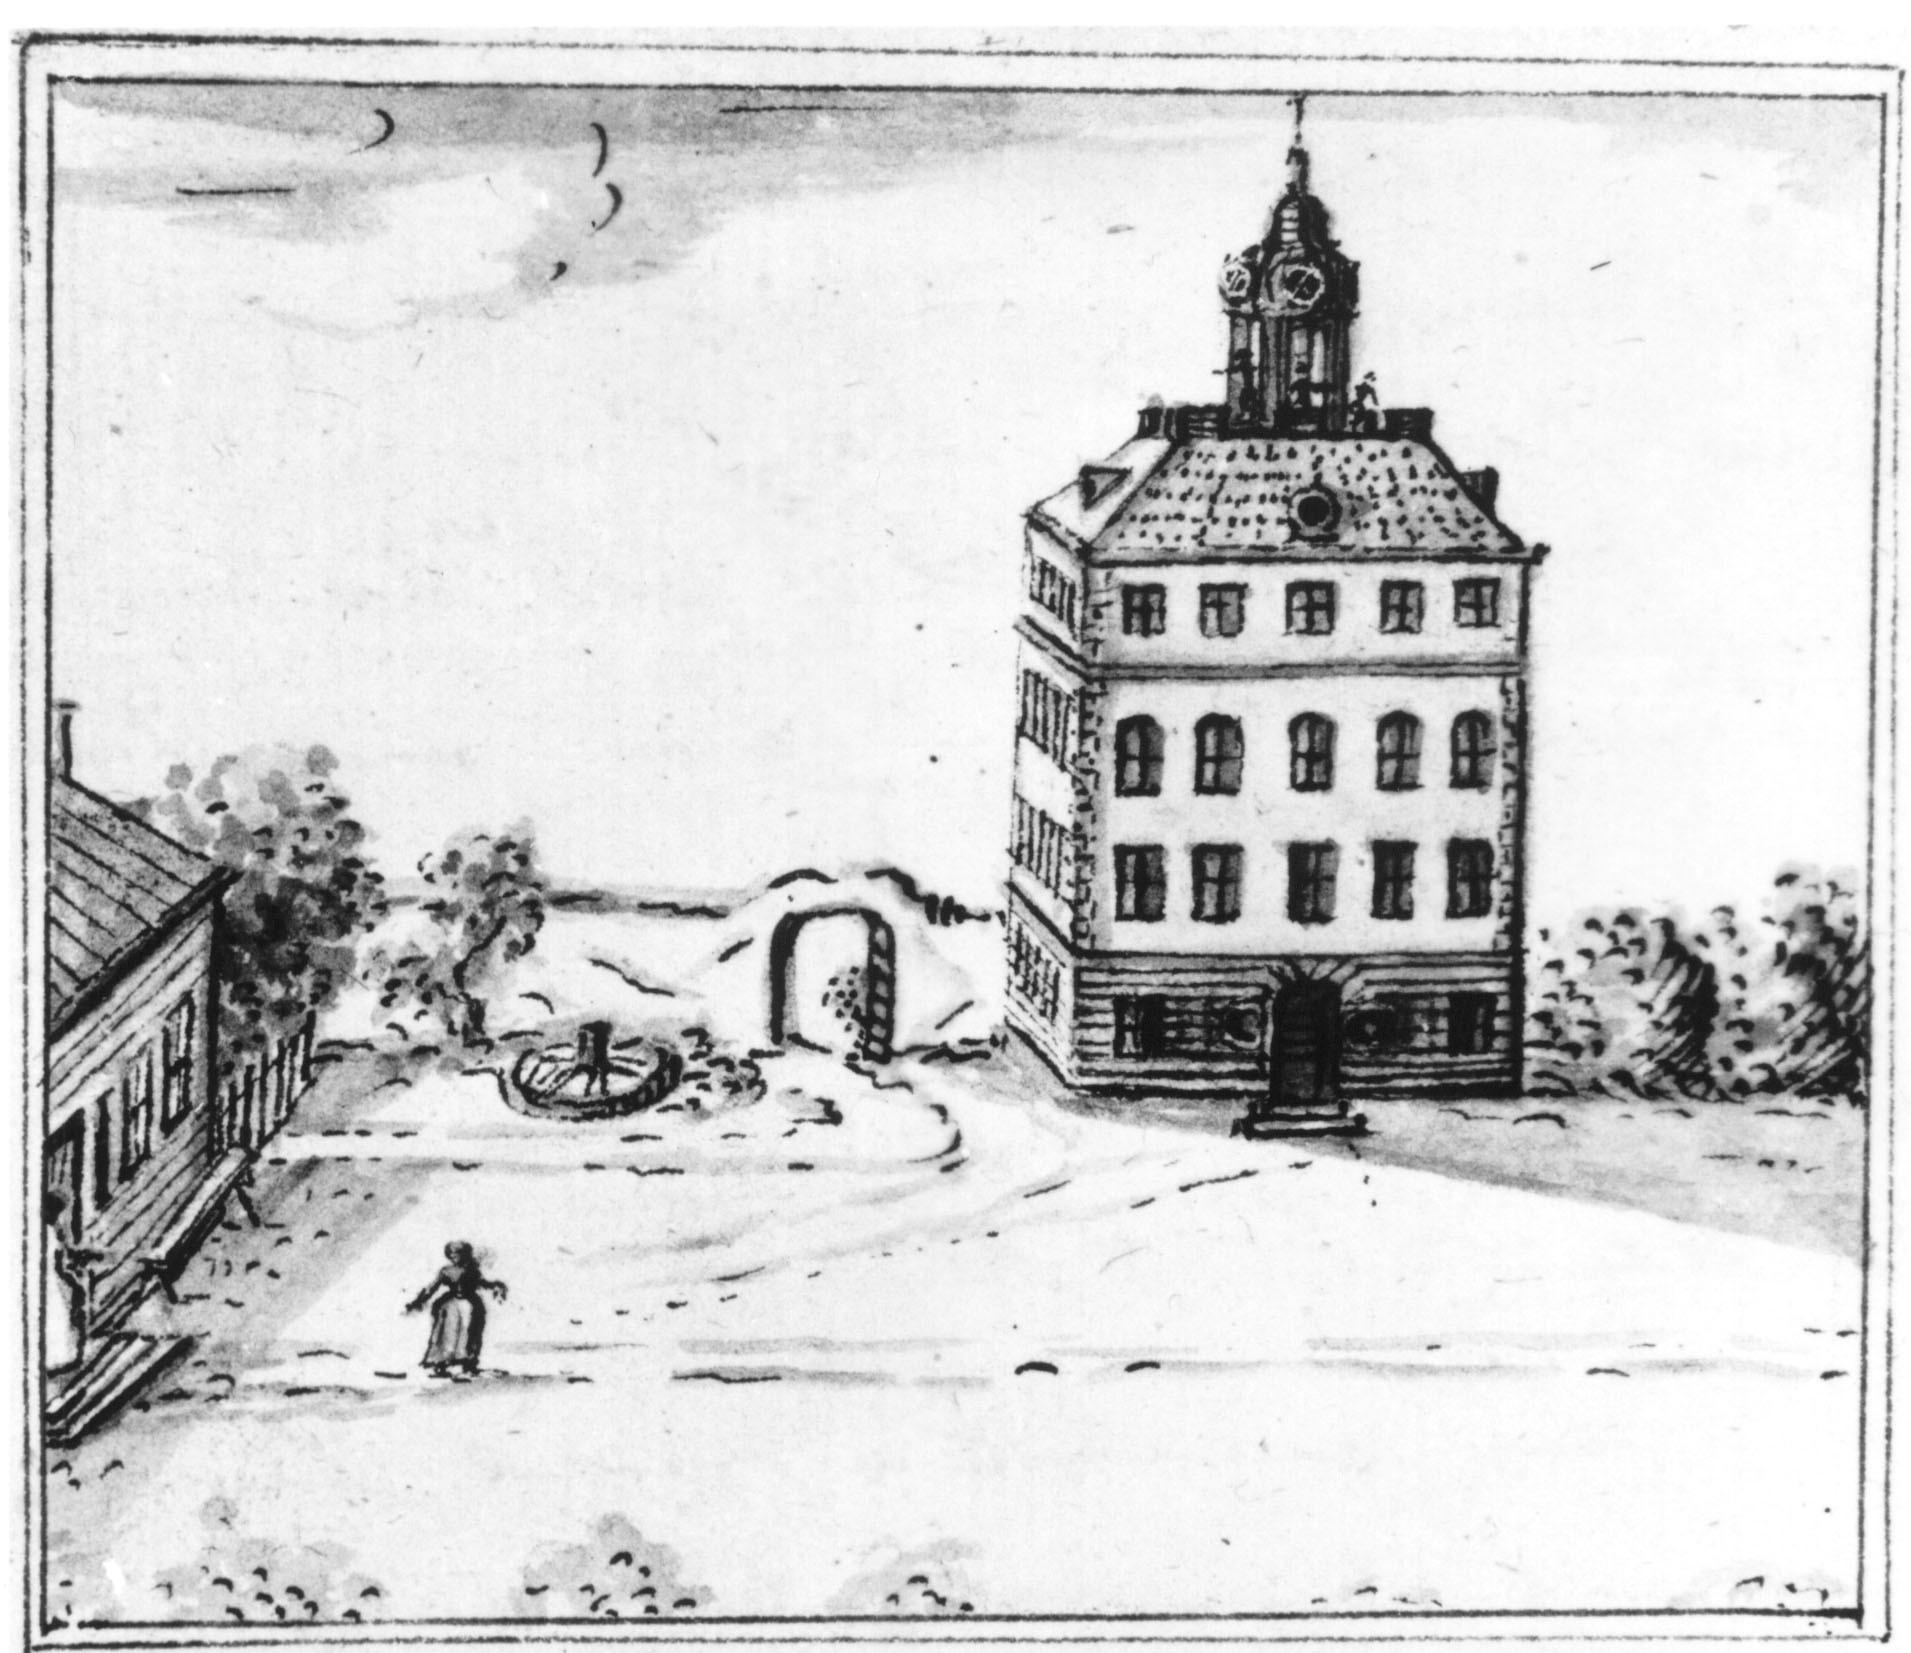 Engsö slott, där Dalin oftade gästade familjen Piper